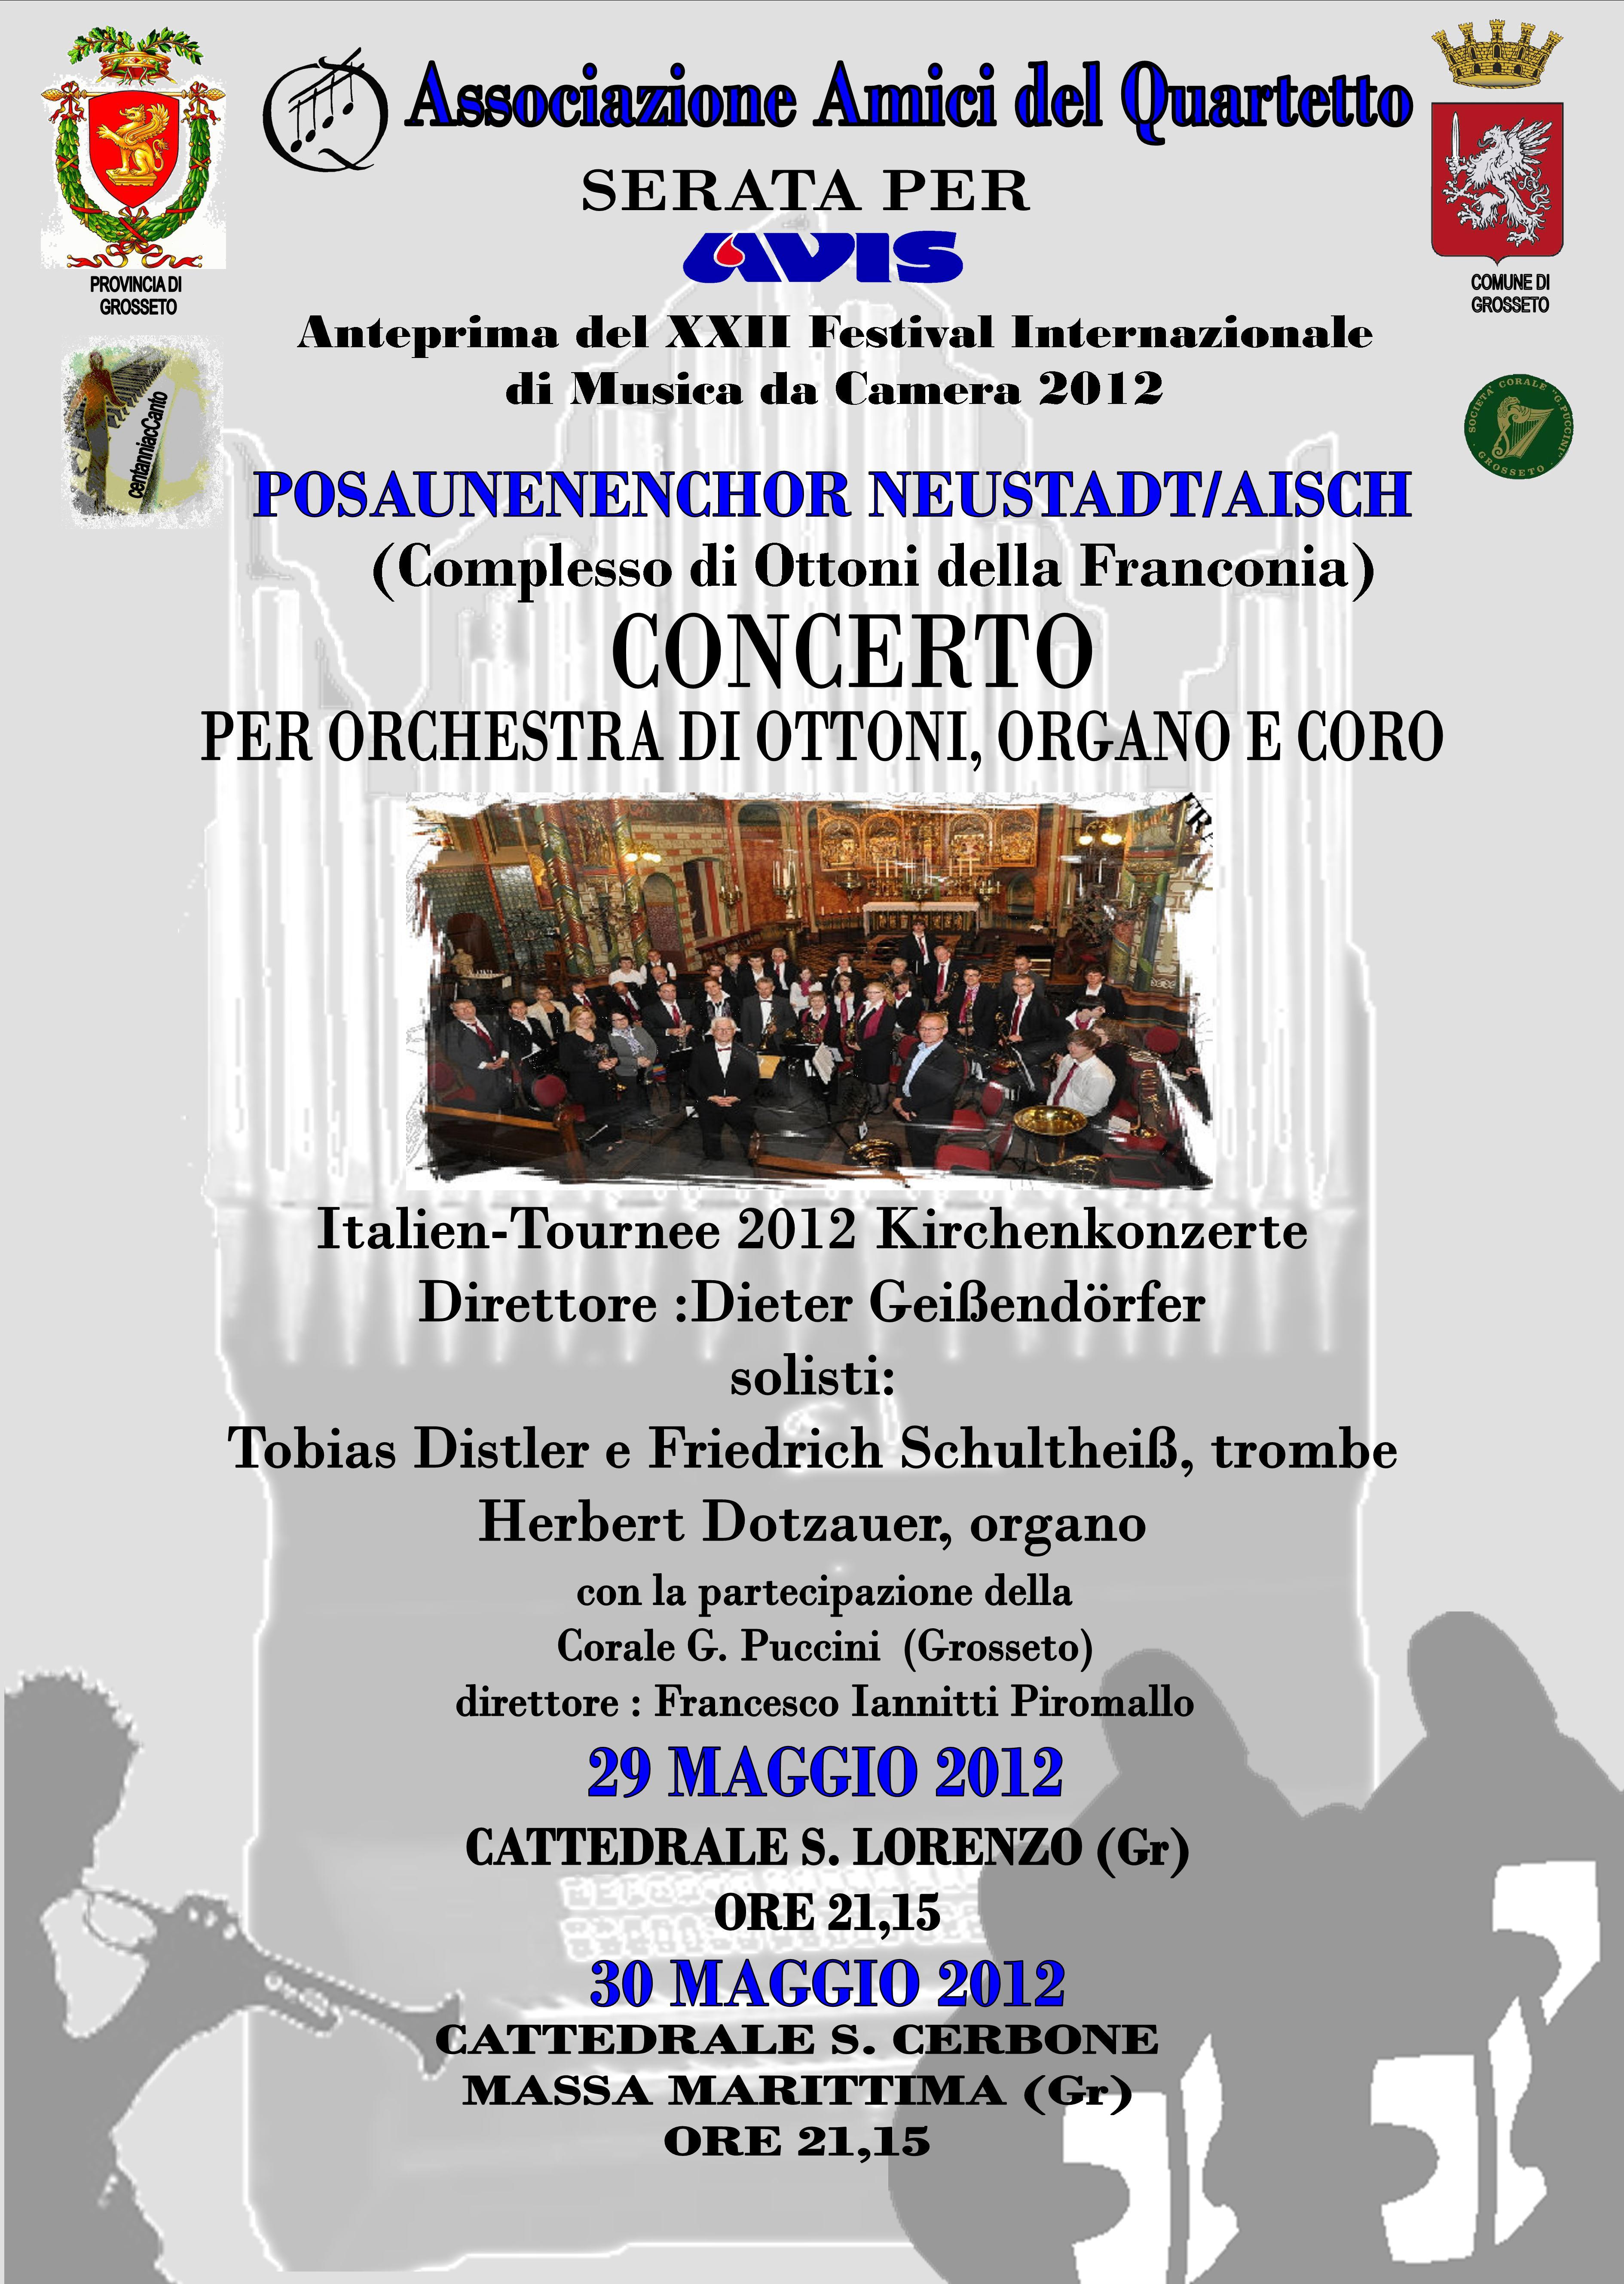 Concerto anteprima del XXII Festival Internazionale Musica da Camera 2012: Ottoni di Franconia e Corale Puccini